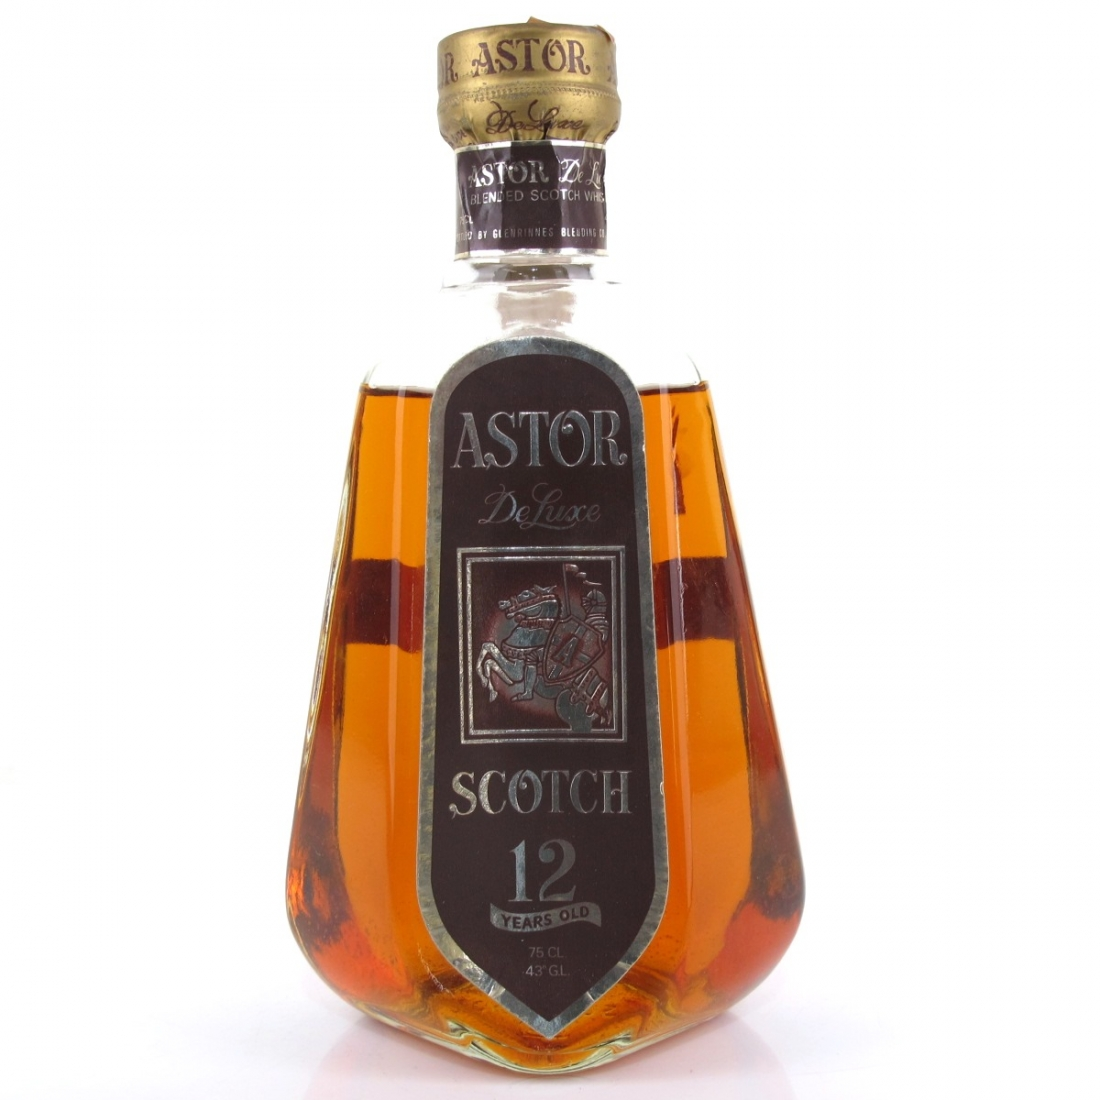 Astor De Luxe Scotch Whisky 12 Year Old Circa 1960s